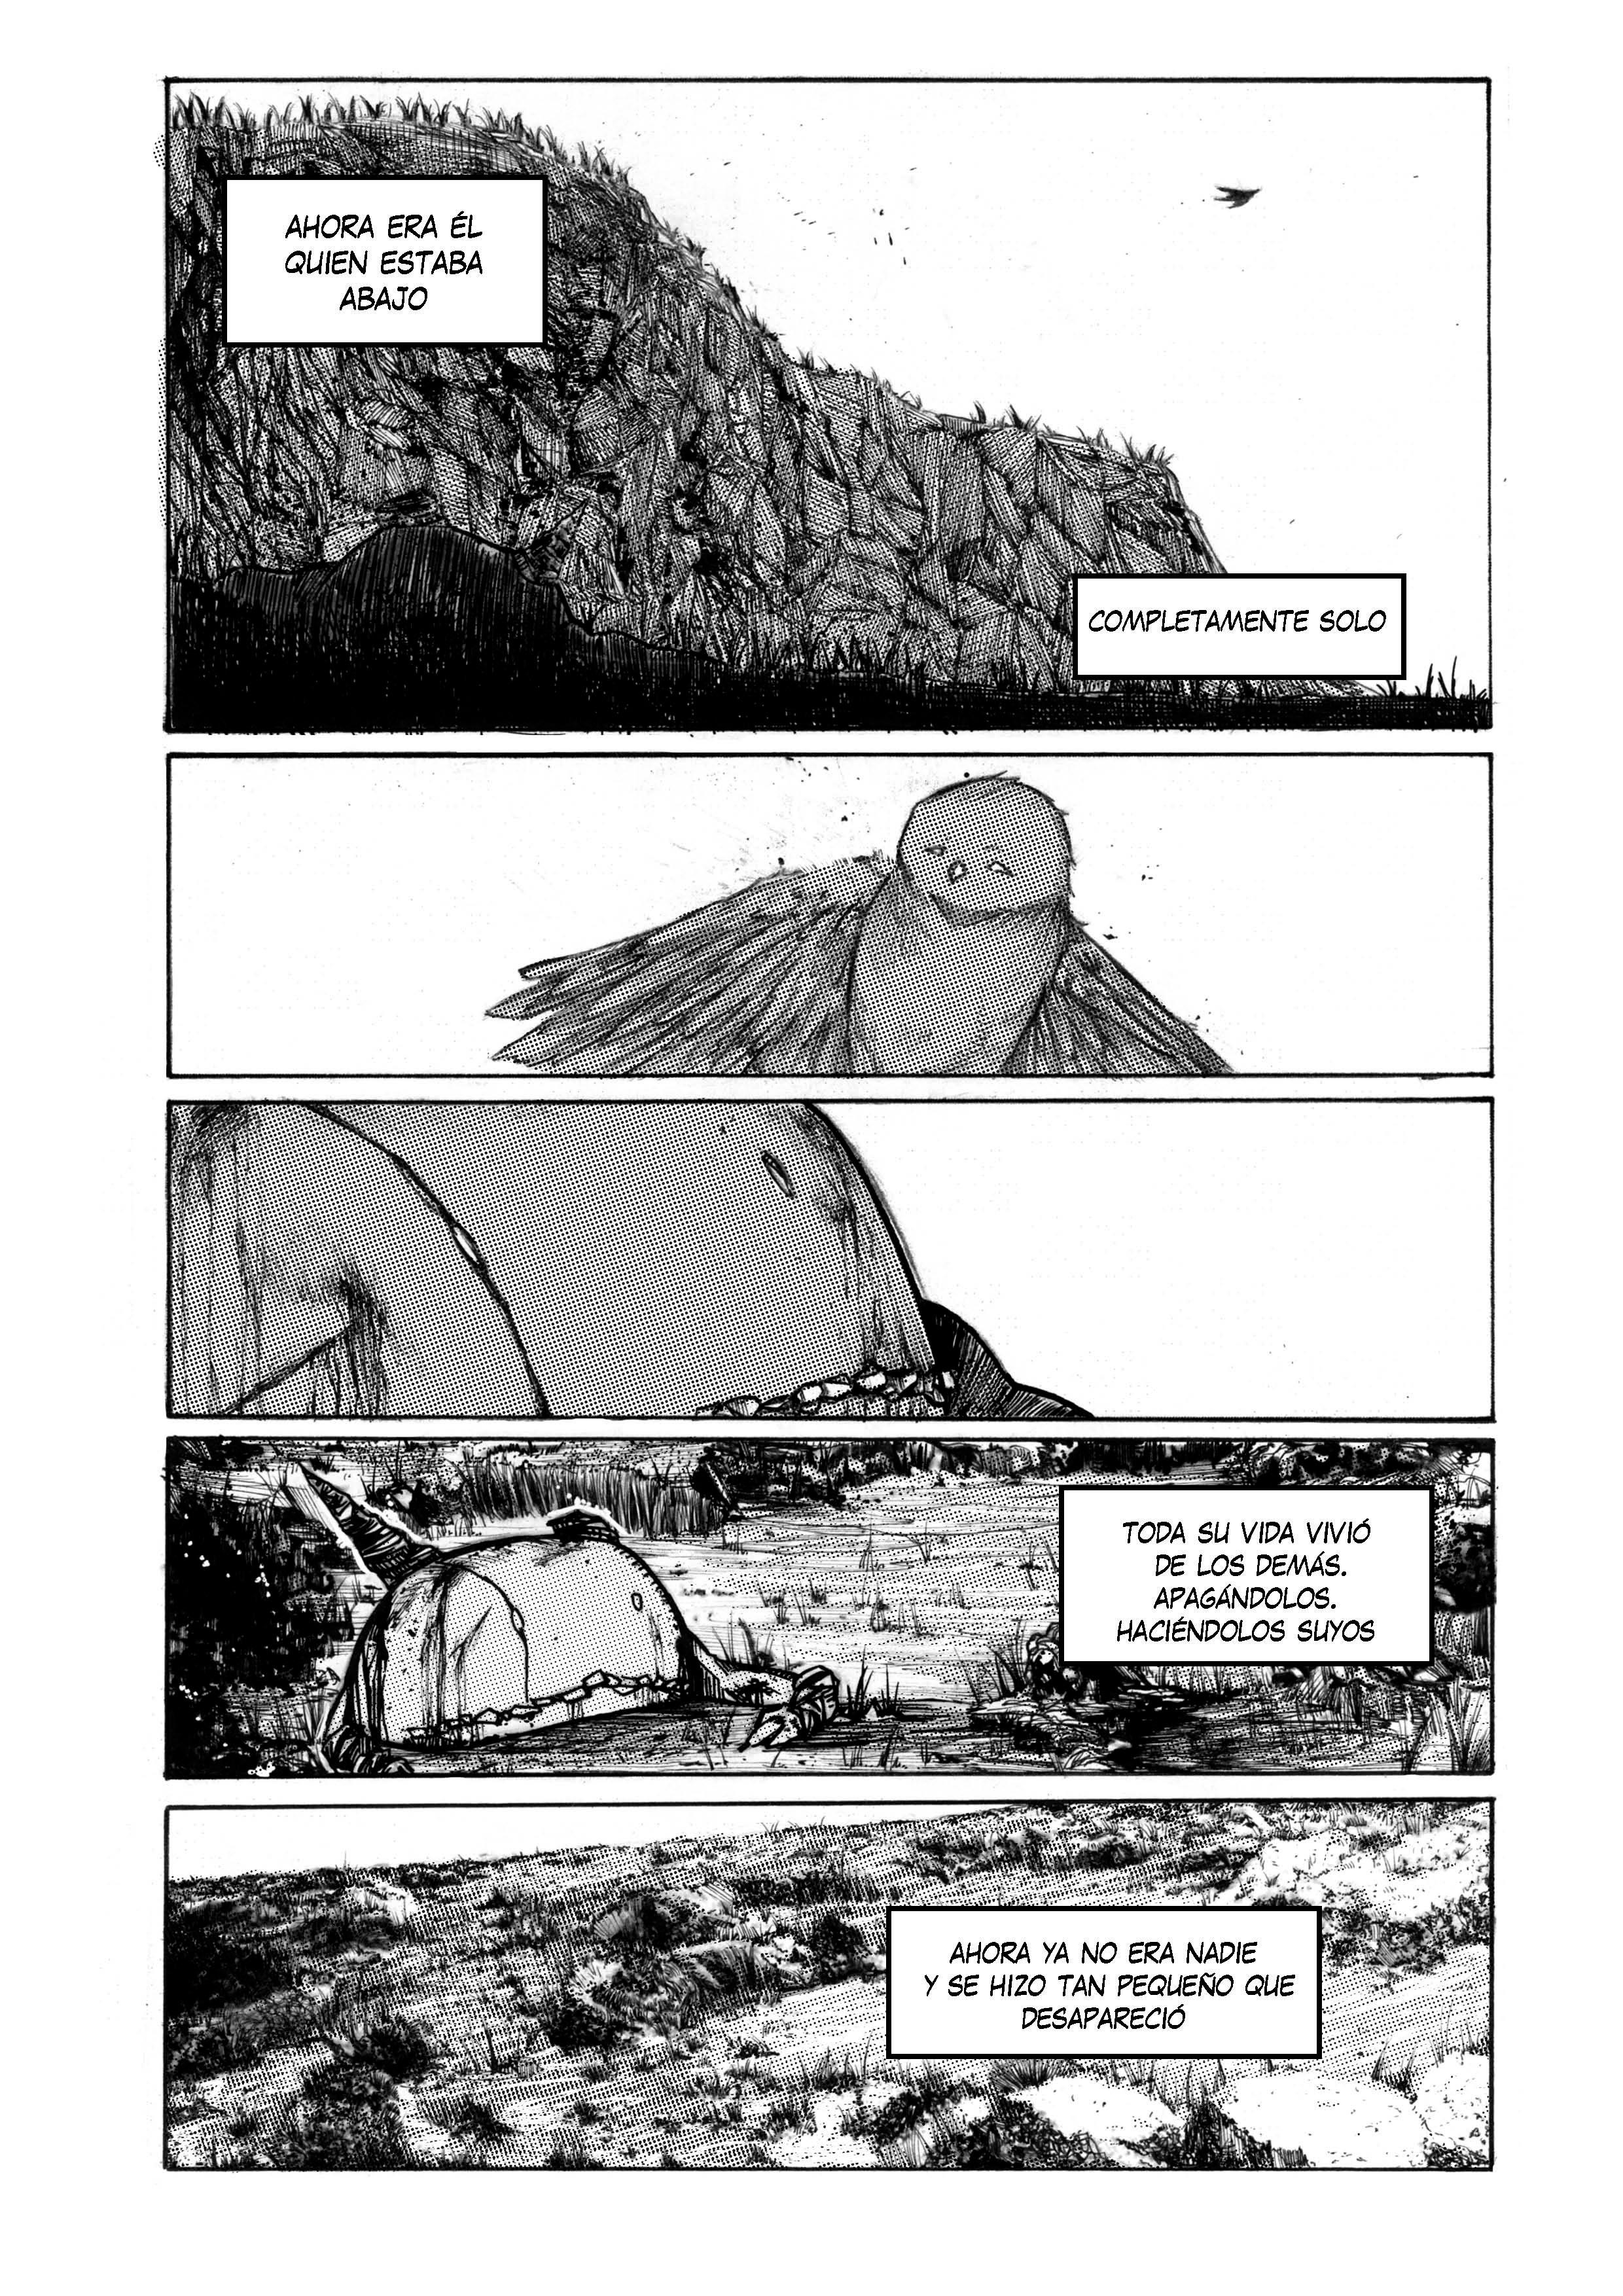 Abajo en el bosque_Cómic_Rafael_Pérez_Granados-10